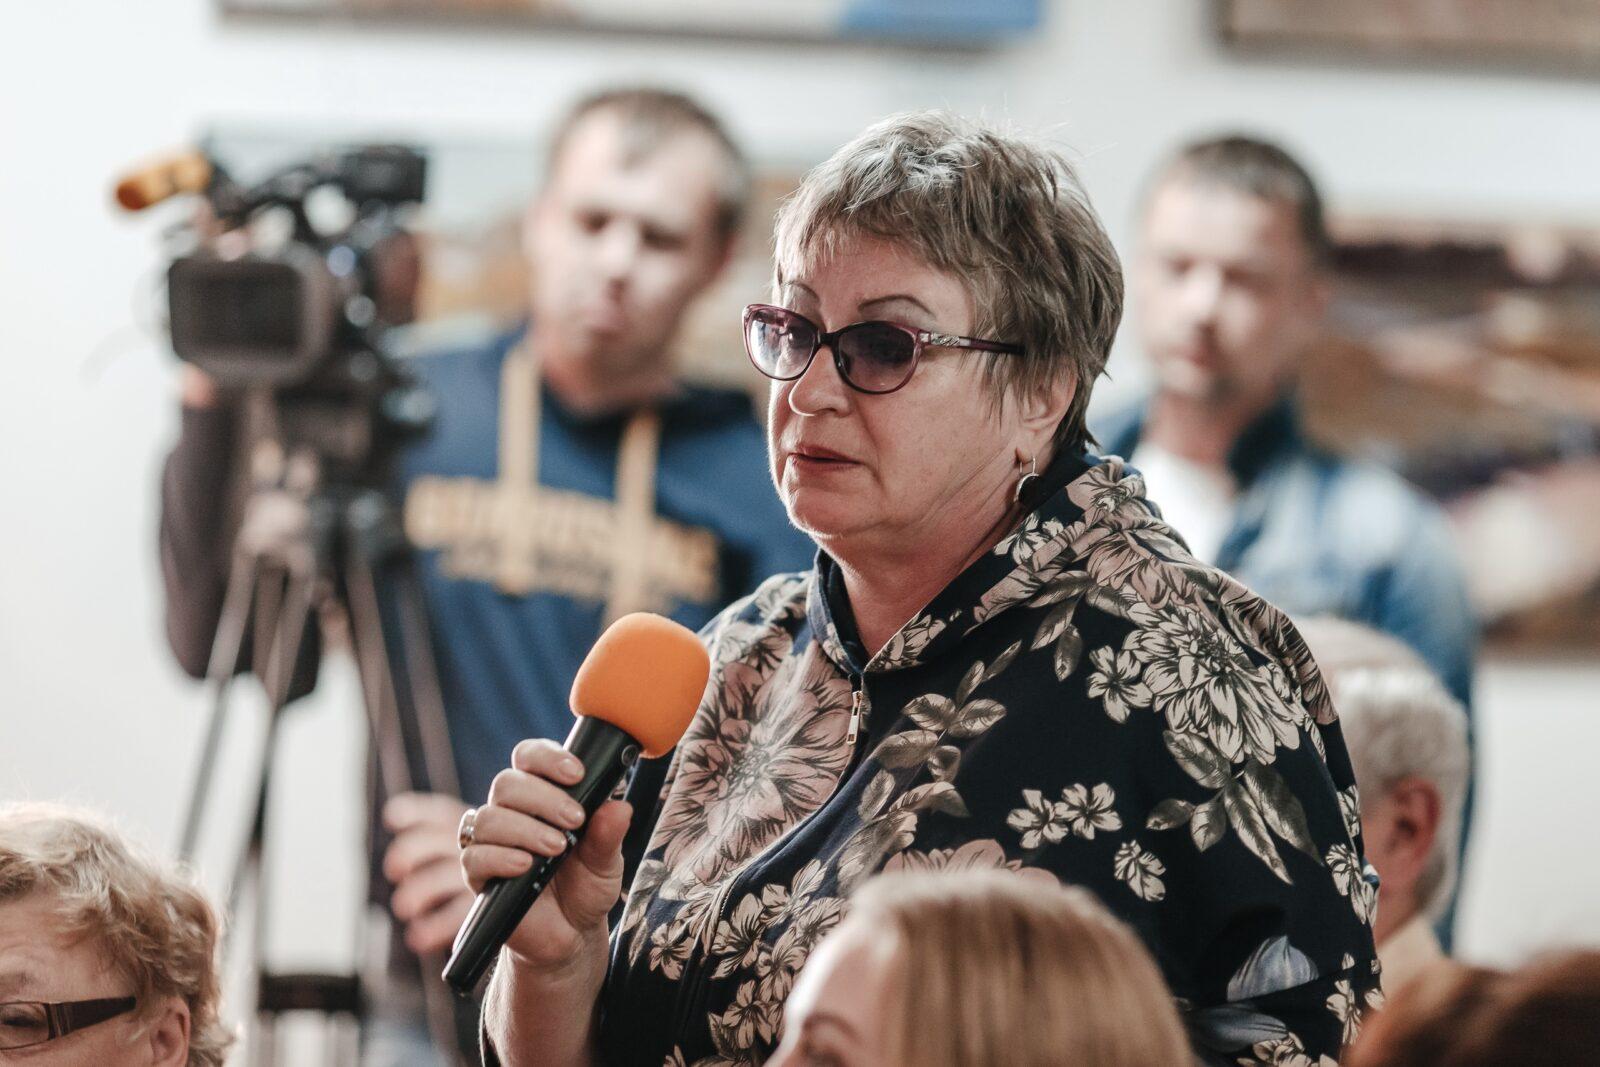 Наталья Николаева: При поддержке областной власти Осташков меняется к лучшему